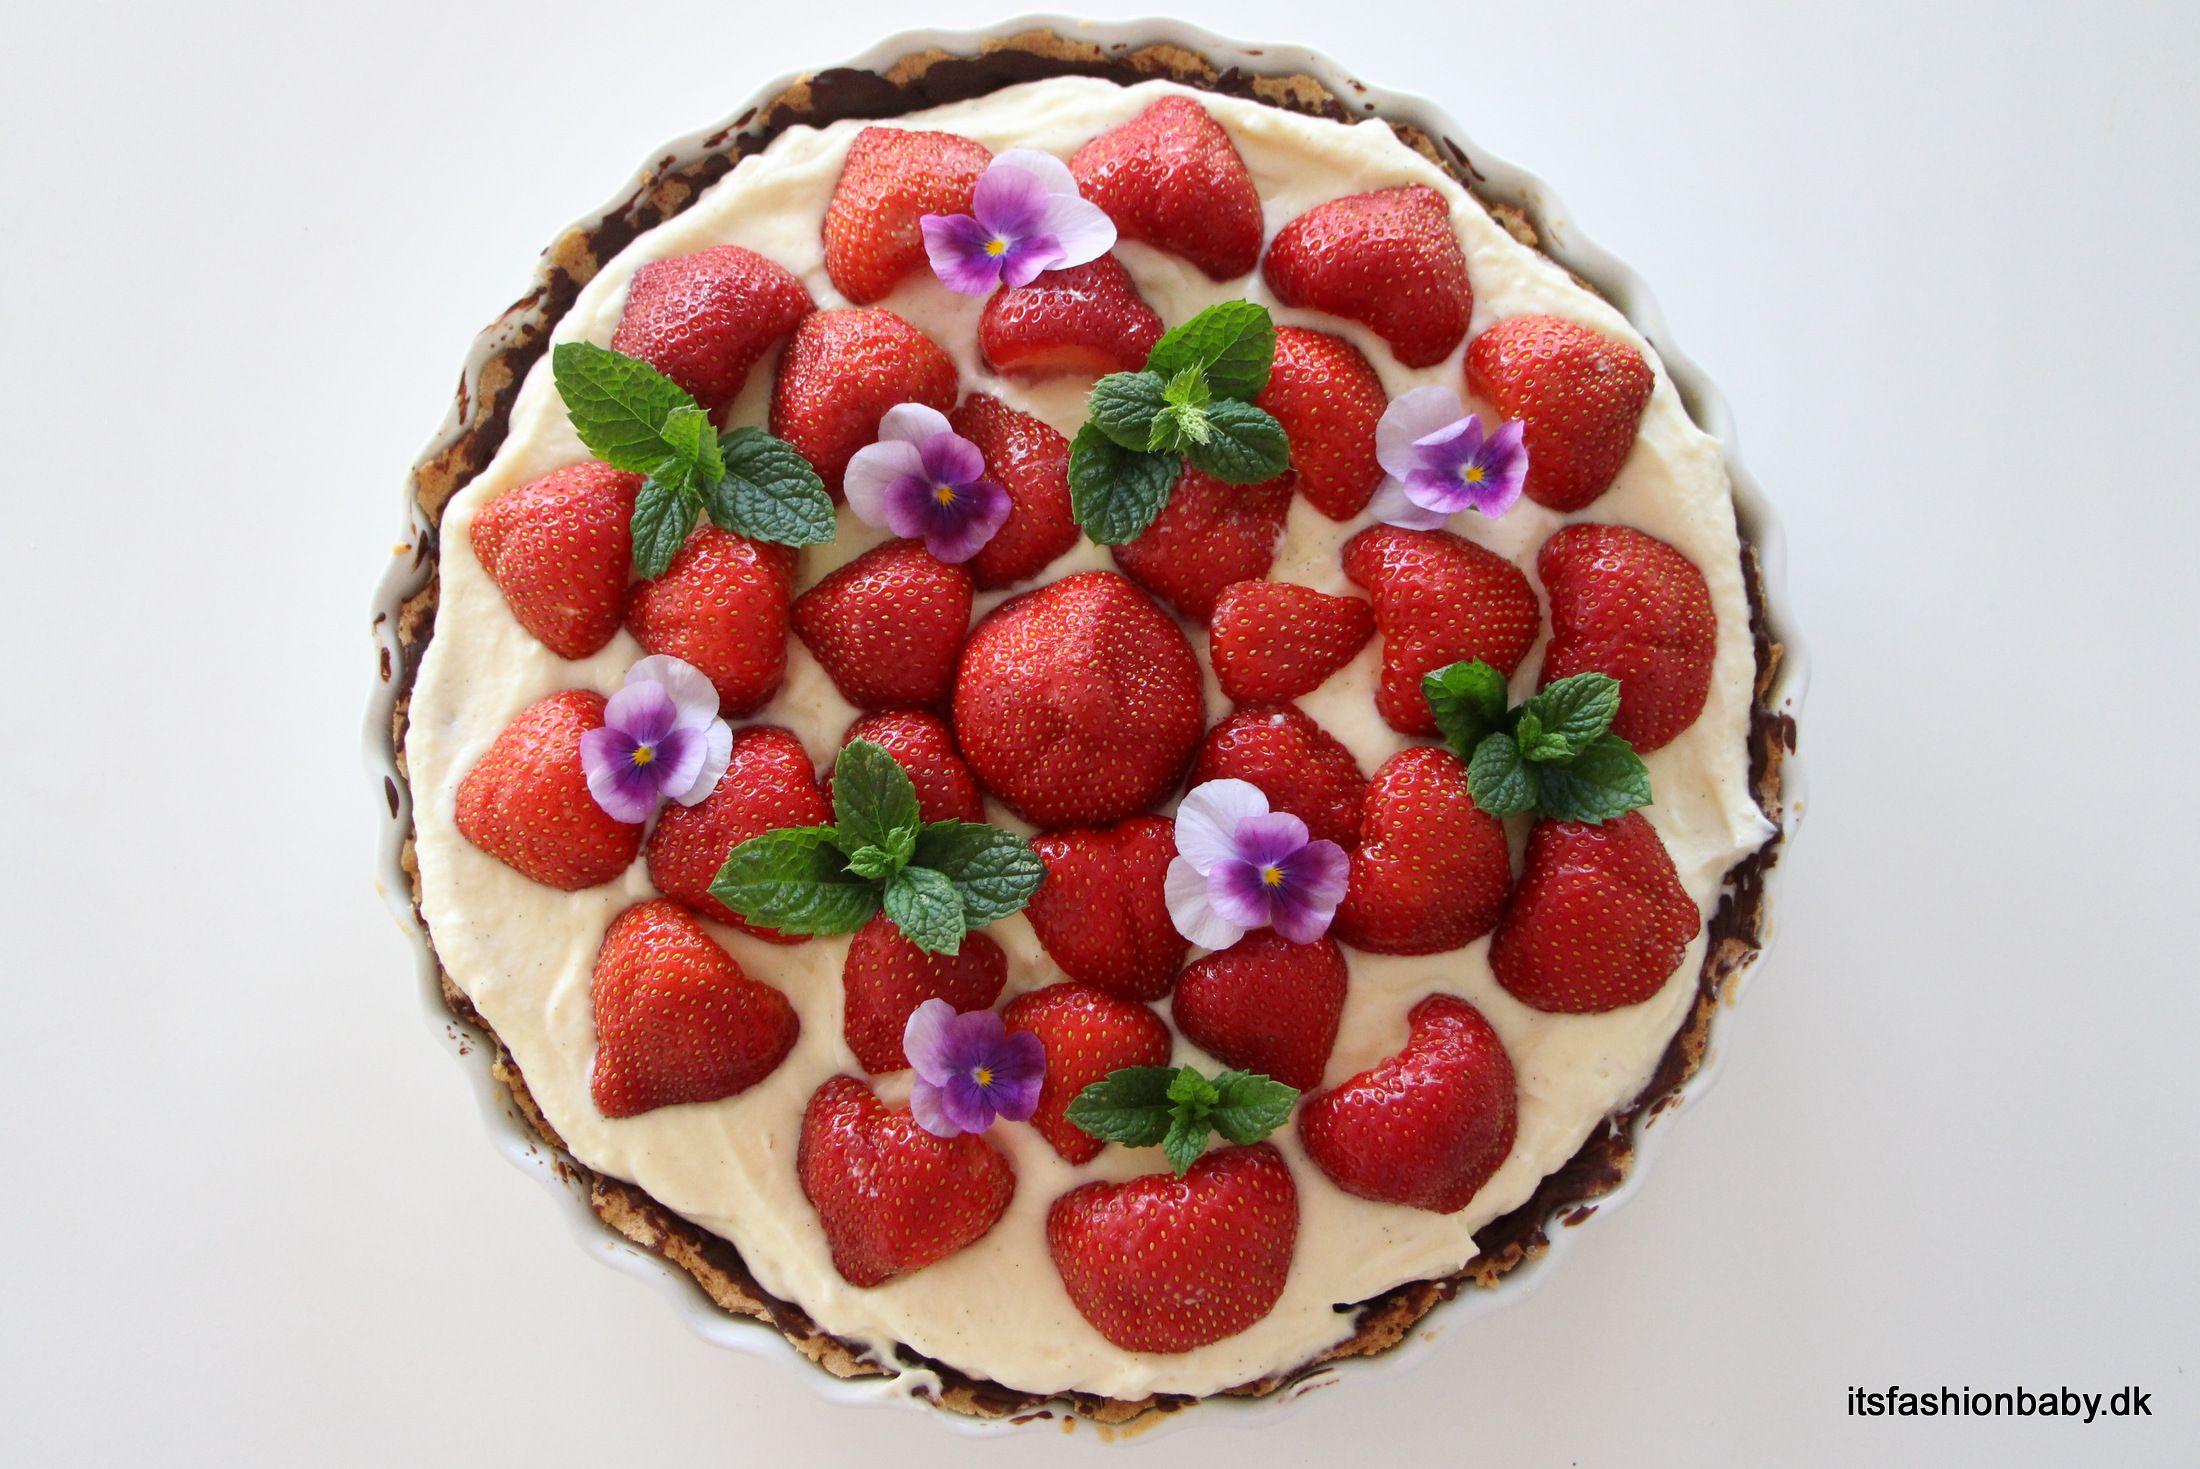 Alletiders Kogebog Jordbærtærte jordbærtærte opskrift | privke.disla.se